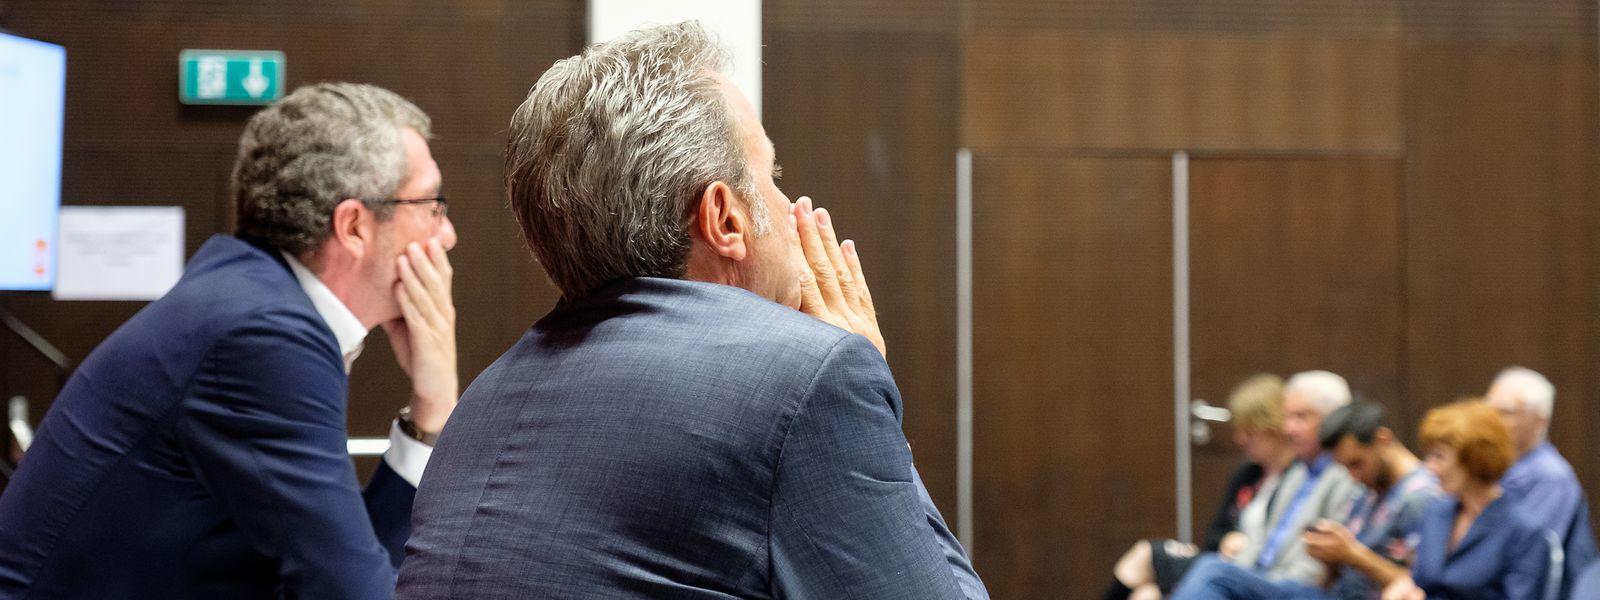 Parteipräsident Frank Engel und Generalsekretär Félix Eischen auf der Suche nach neuen Ideen.